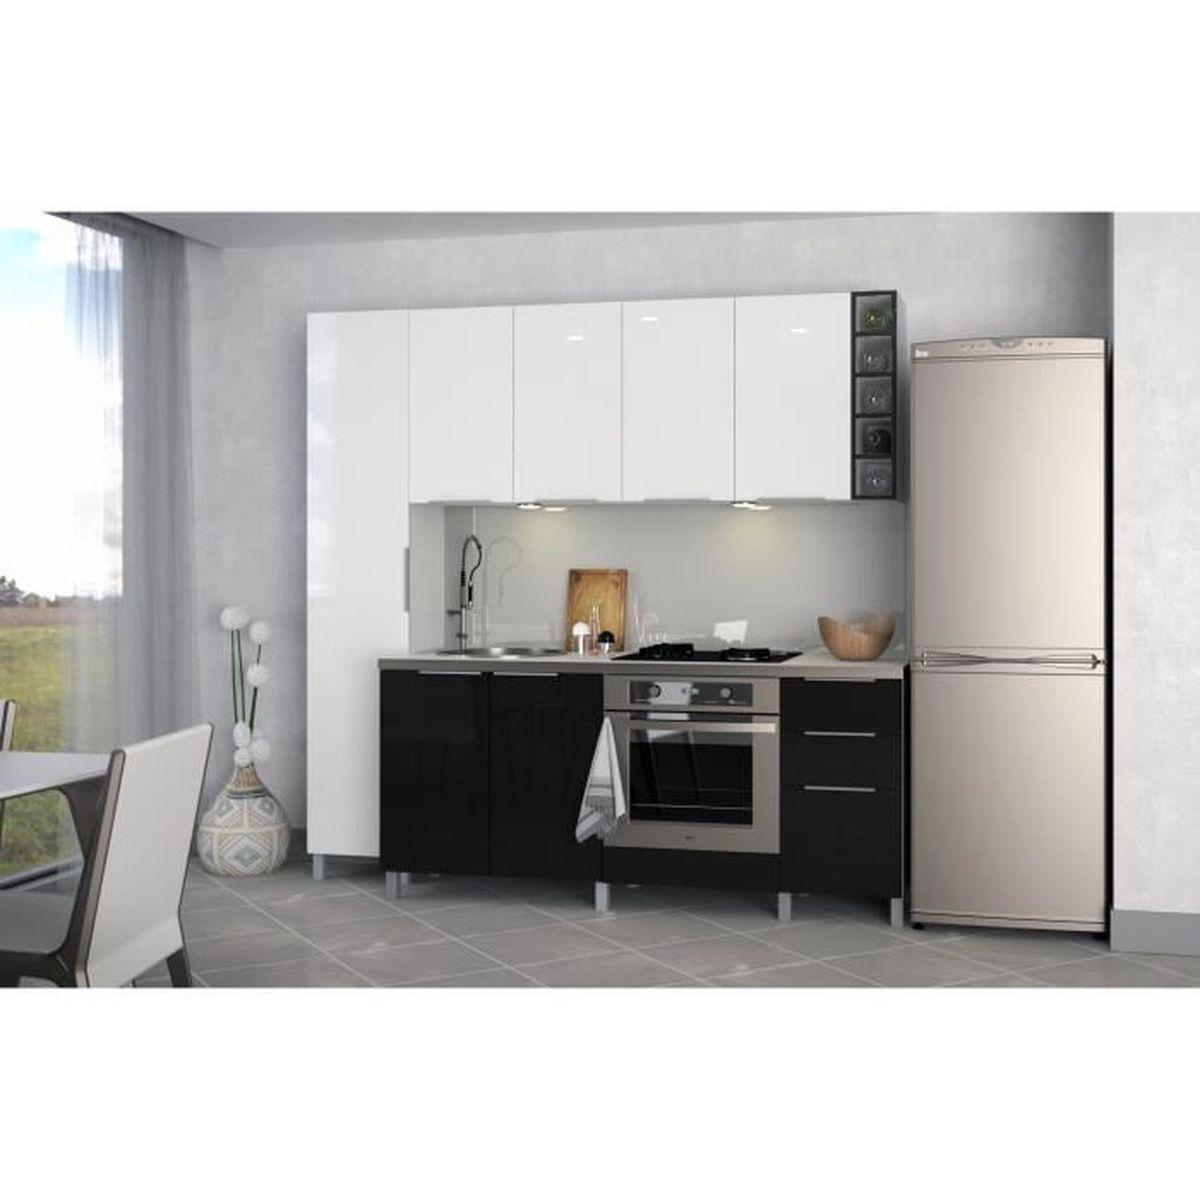 Meuble Bas De Cuisine Noir Laqué meuble de cuisine bas sous évier - 80cm - noir - Élément séparé